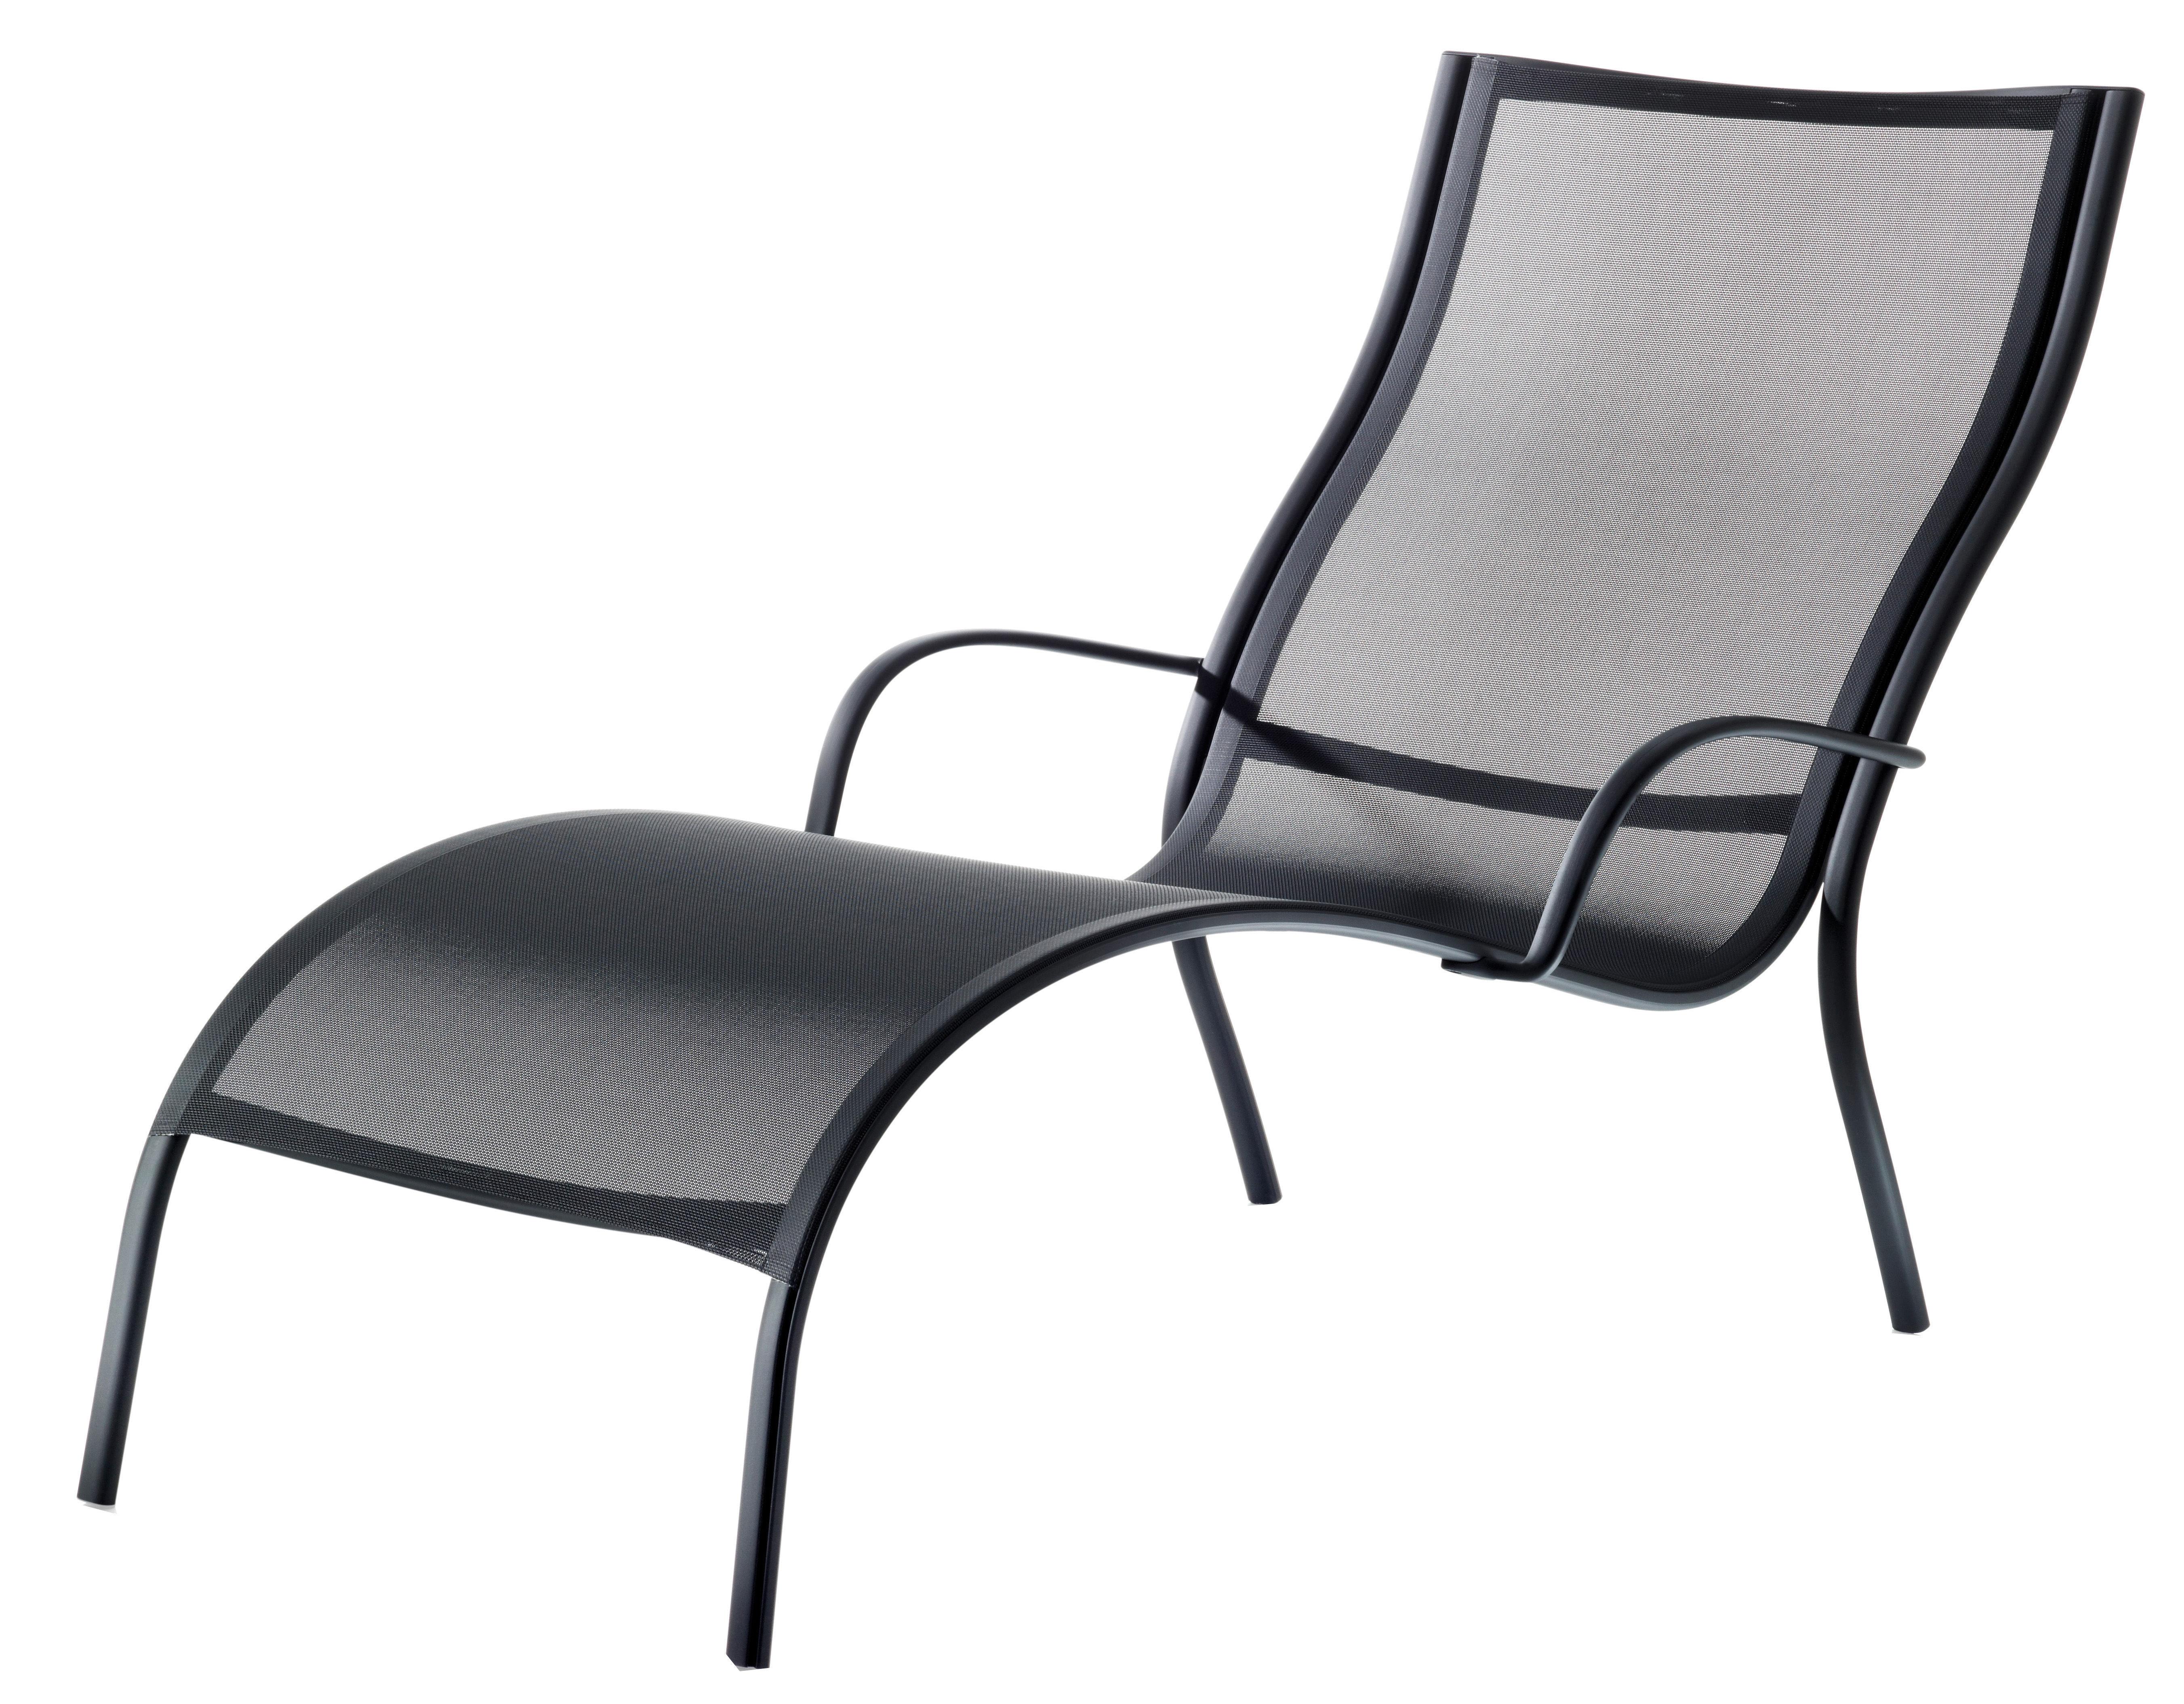 Chaise longue paso doble noir structure noire magis for Chaise longue noire